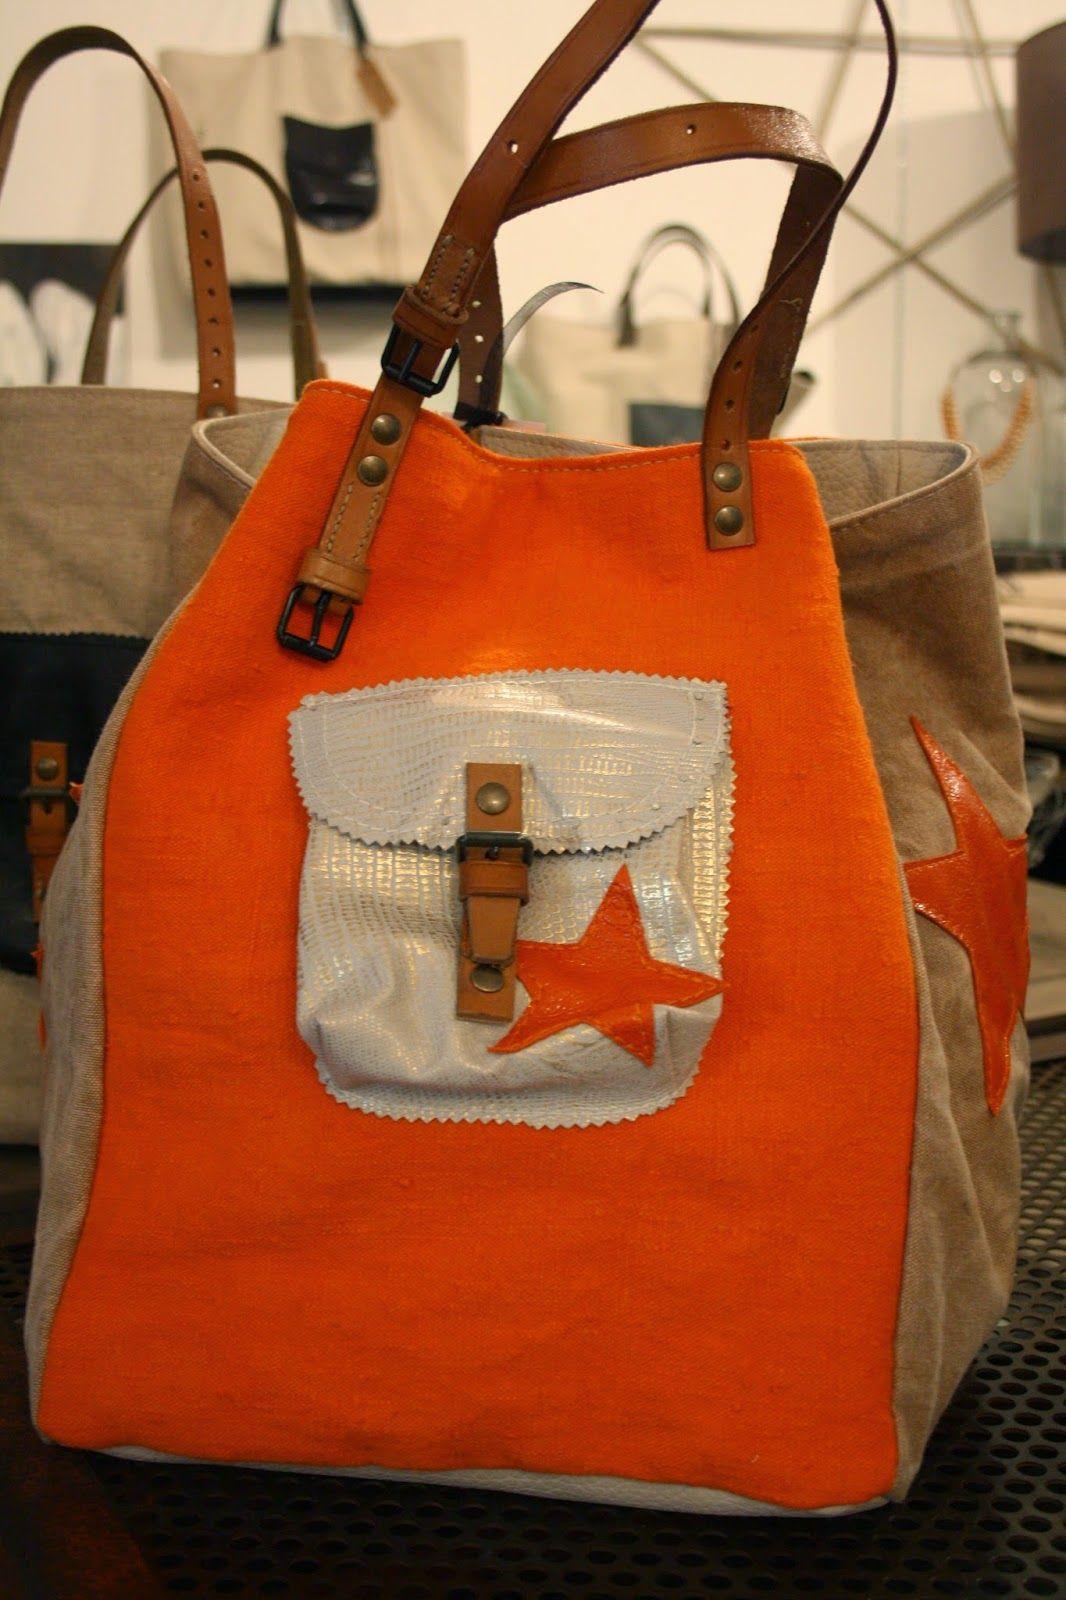 pomponette et le soleil de marseille accessoires esprit d 39 atelier pinterest sac sacs. Black Bedroom Furniture Sets. Home Design Ideas